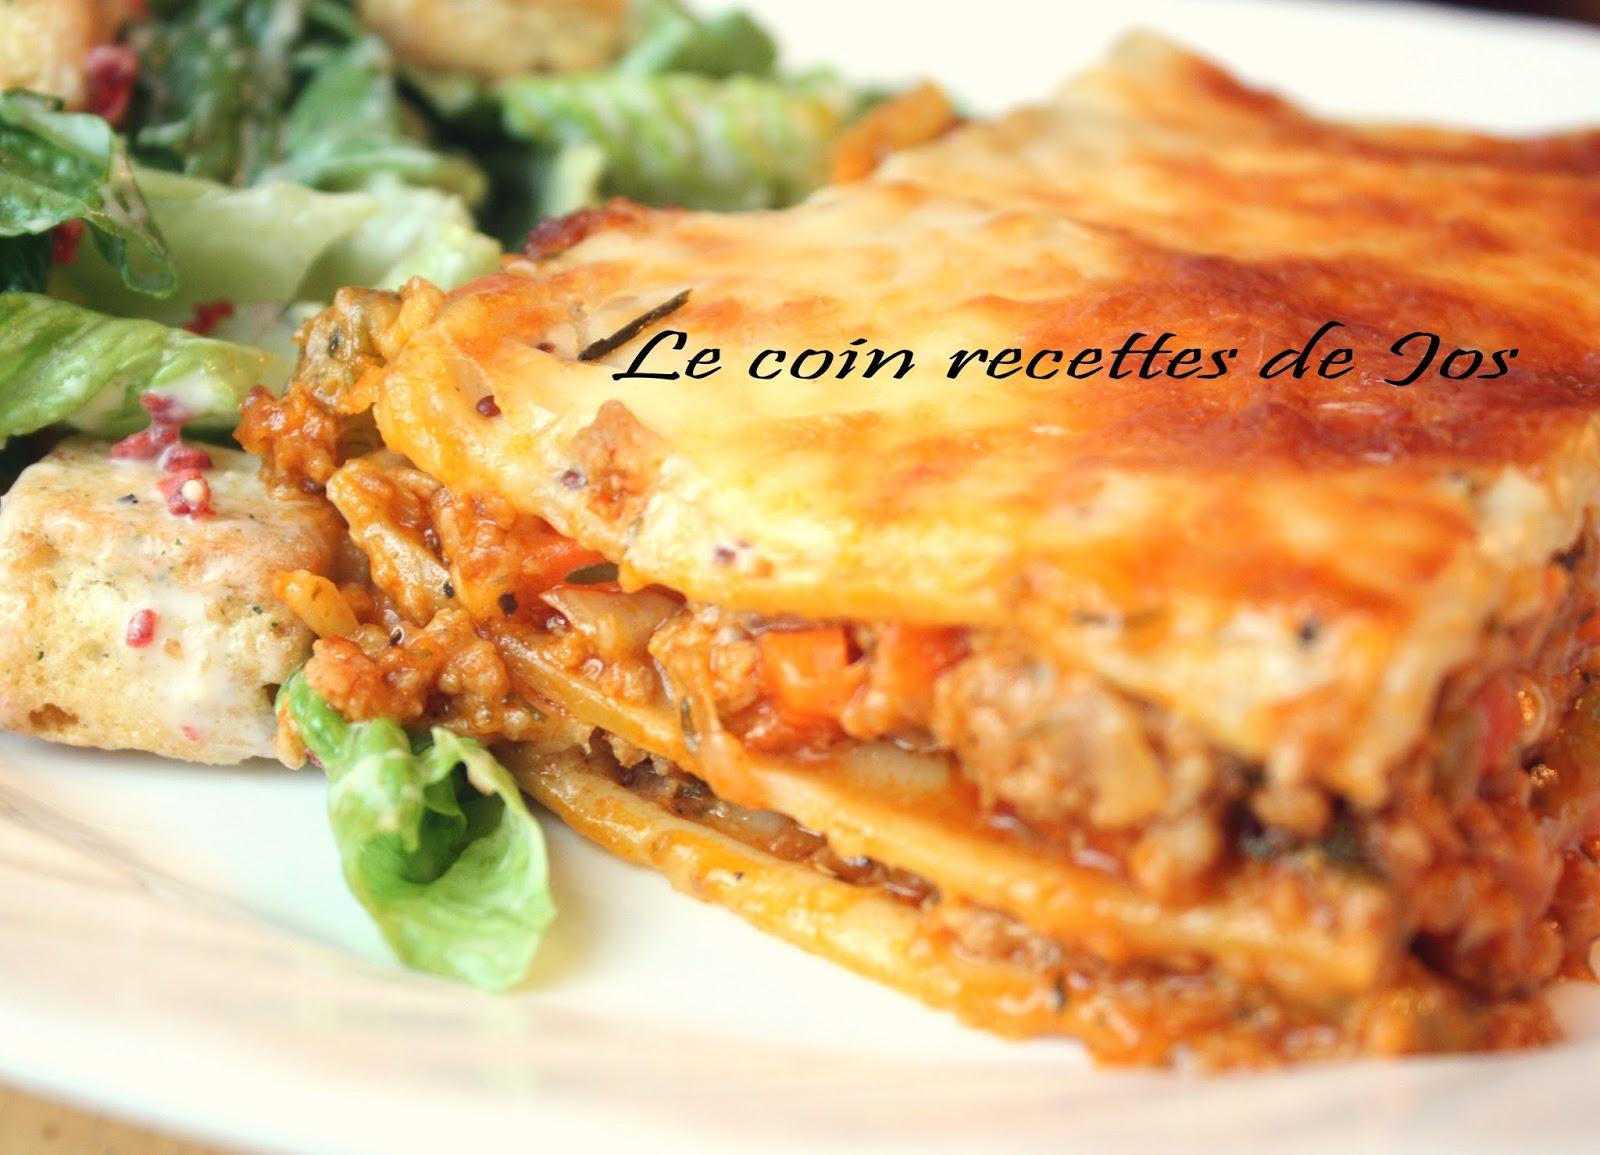 Lasagne Idee Recette.Le Coin Recettes De Jos Lasagne Au Porc En Sauce A La